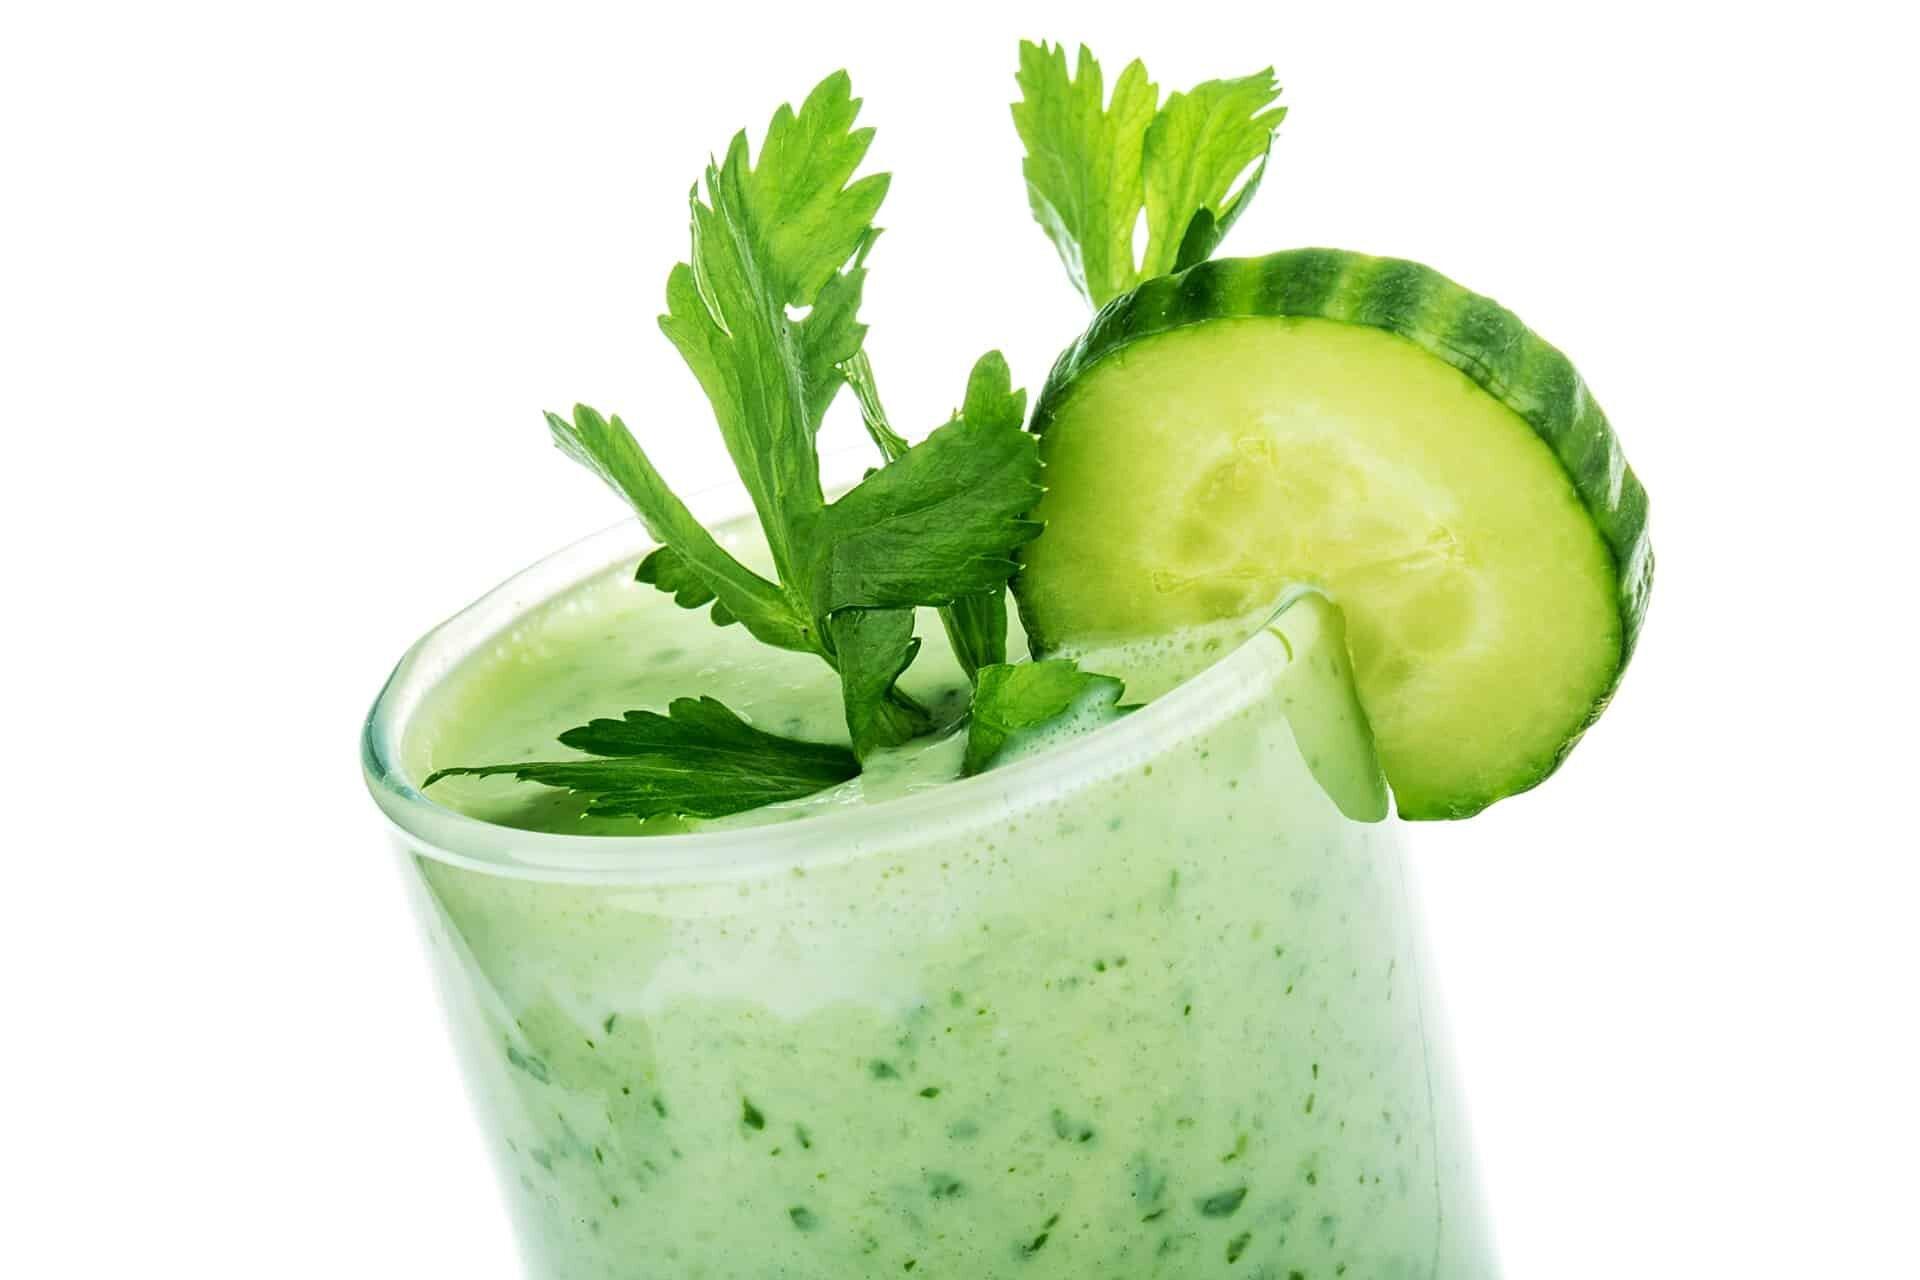 Drinking Celery Juice